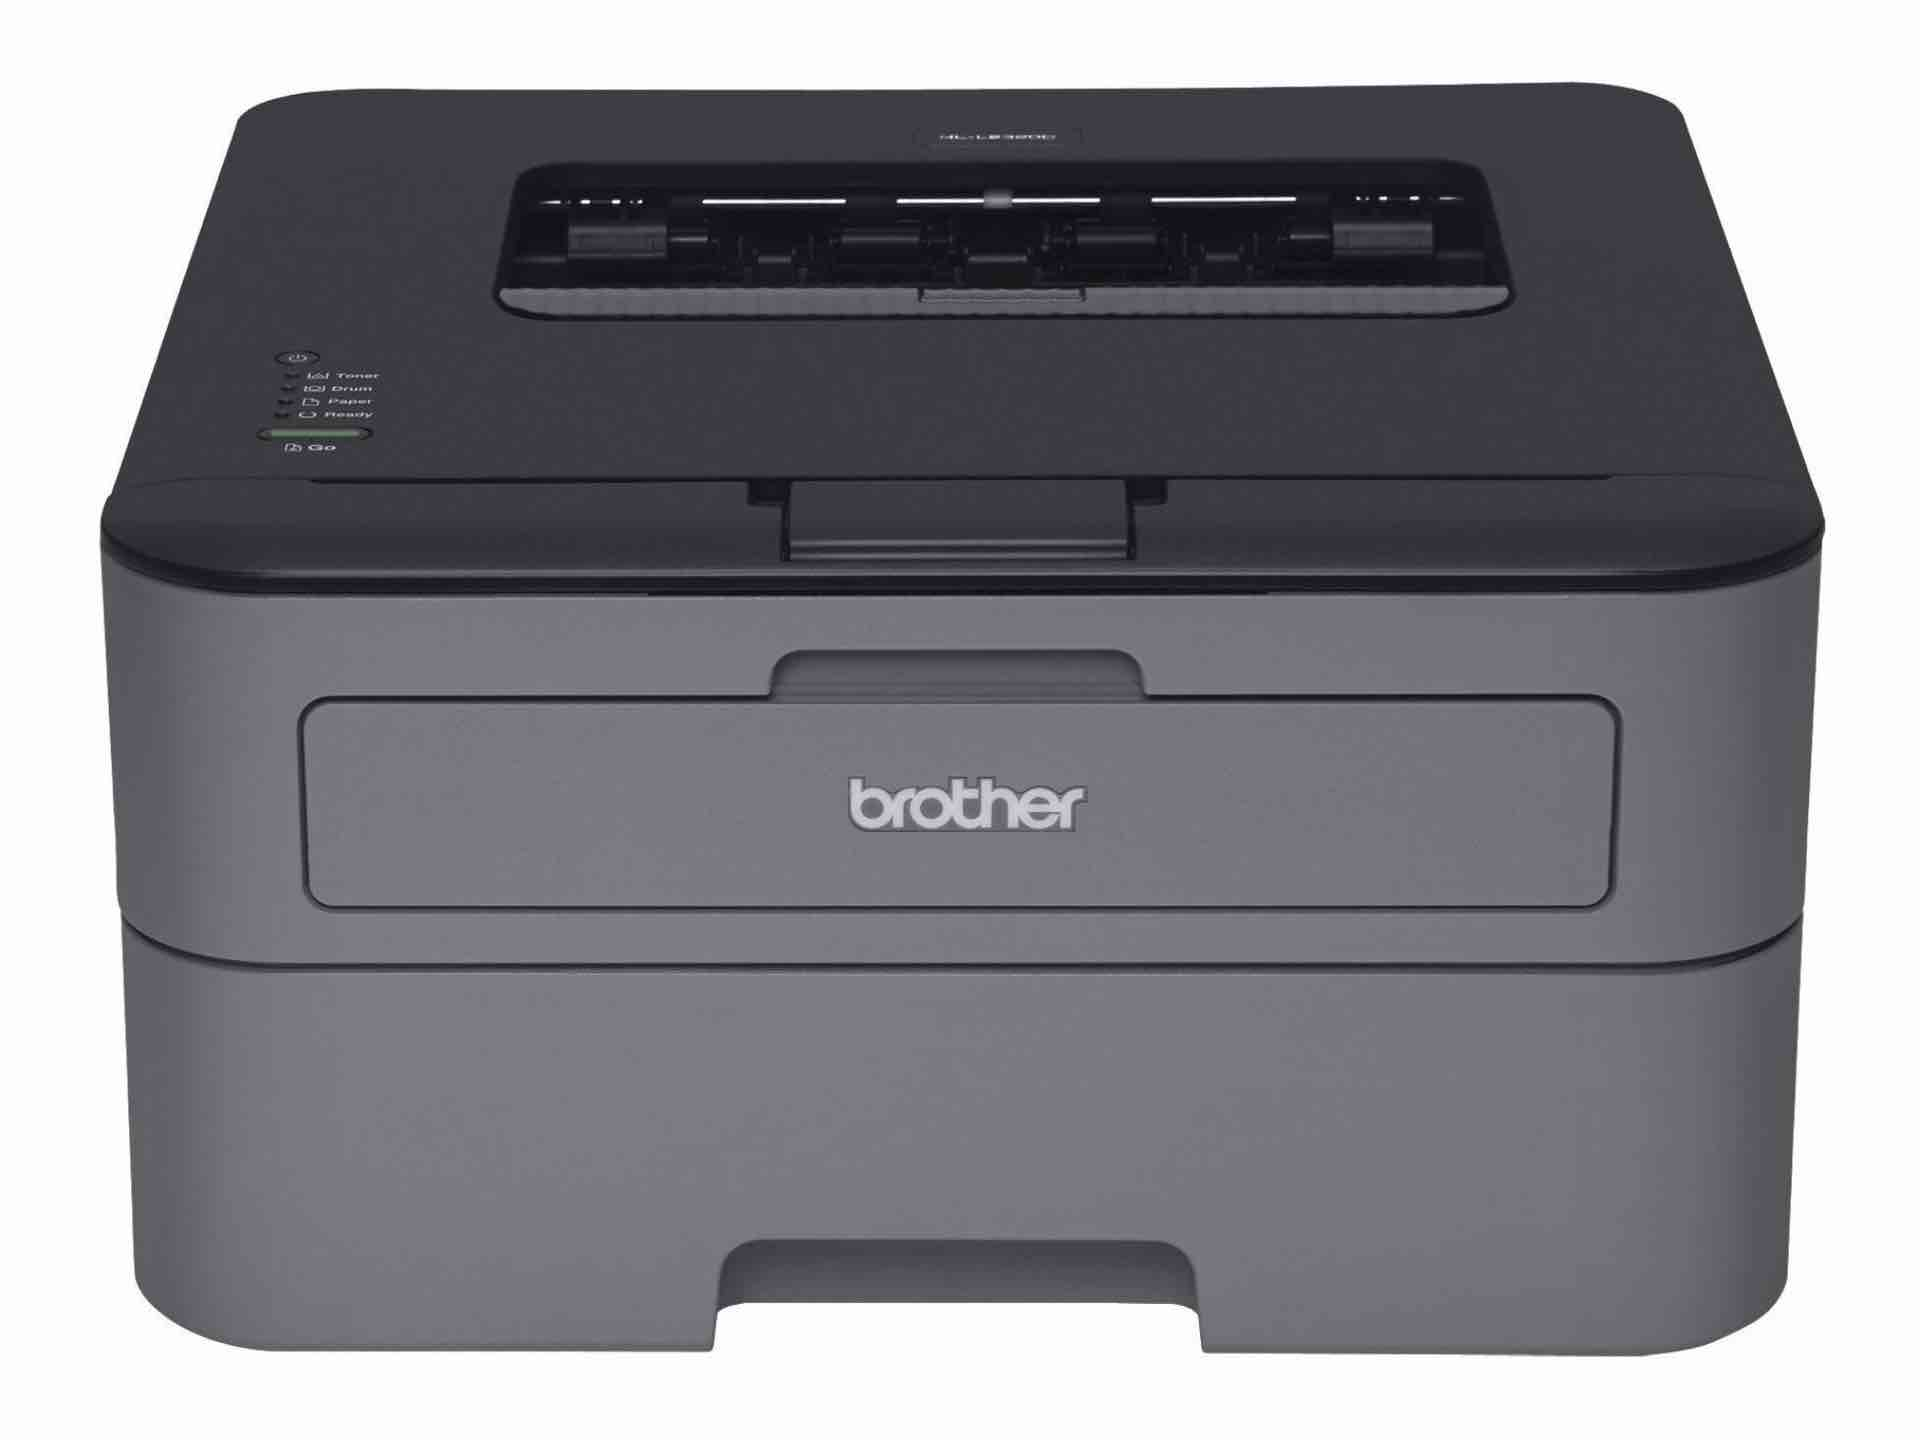 brother-hl-l2300d-monochrome-laser-printer